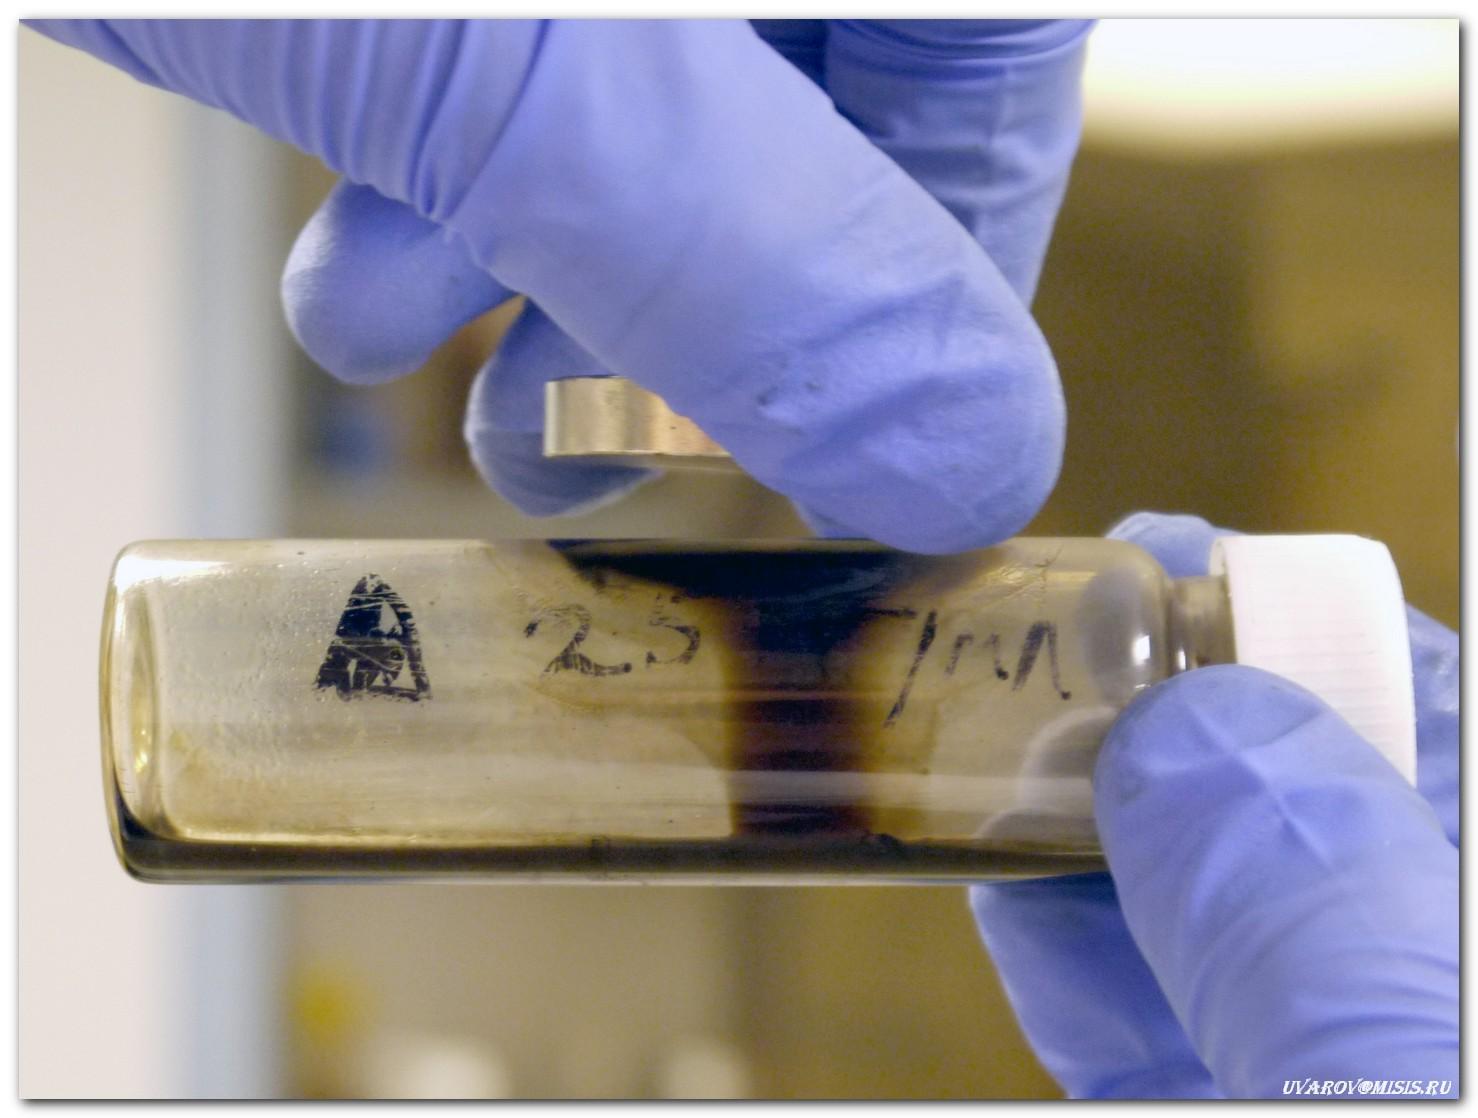 Лаборатории НИТУ «МИСиС»: от разделения наночастиц магнетита до создания квантового компьютера - 5